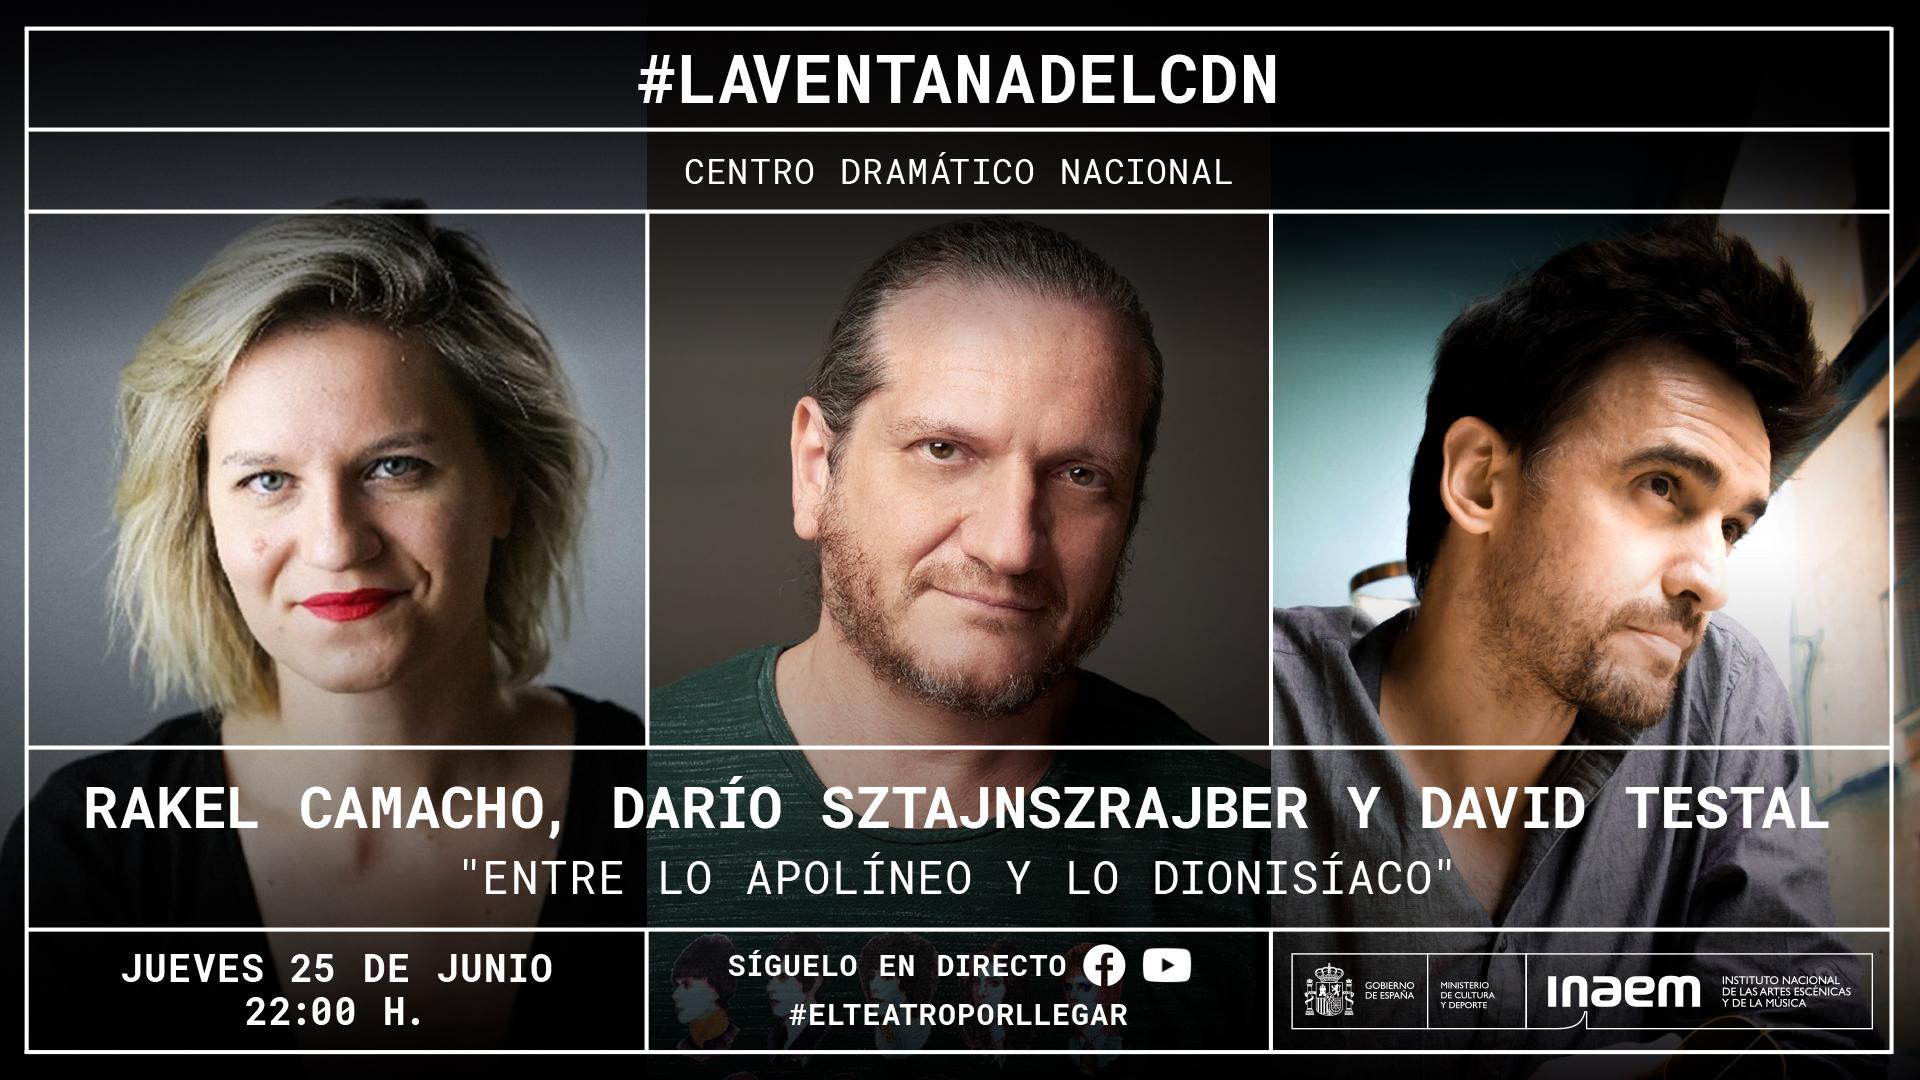 El CDN invita a Rakel Camacho, Darío Sztajnszrajber y David Testal a dialogar sobre lo apolíneo y lo dionisíaco en el arte